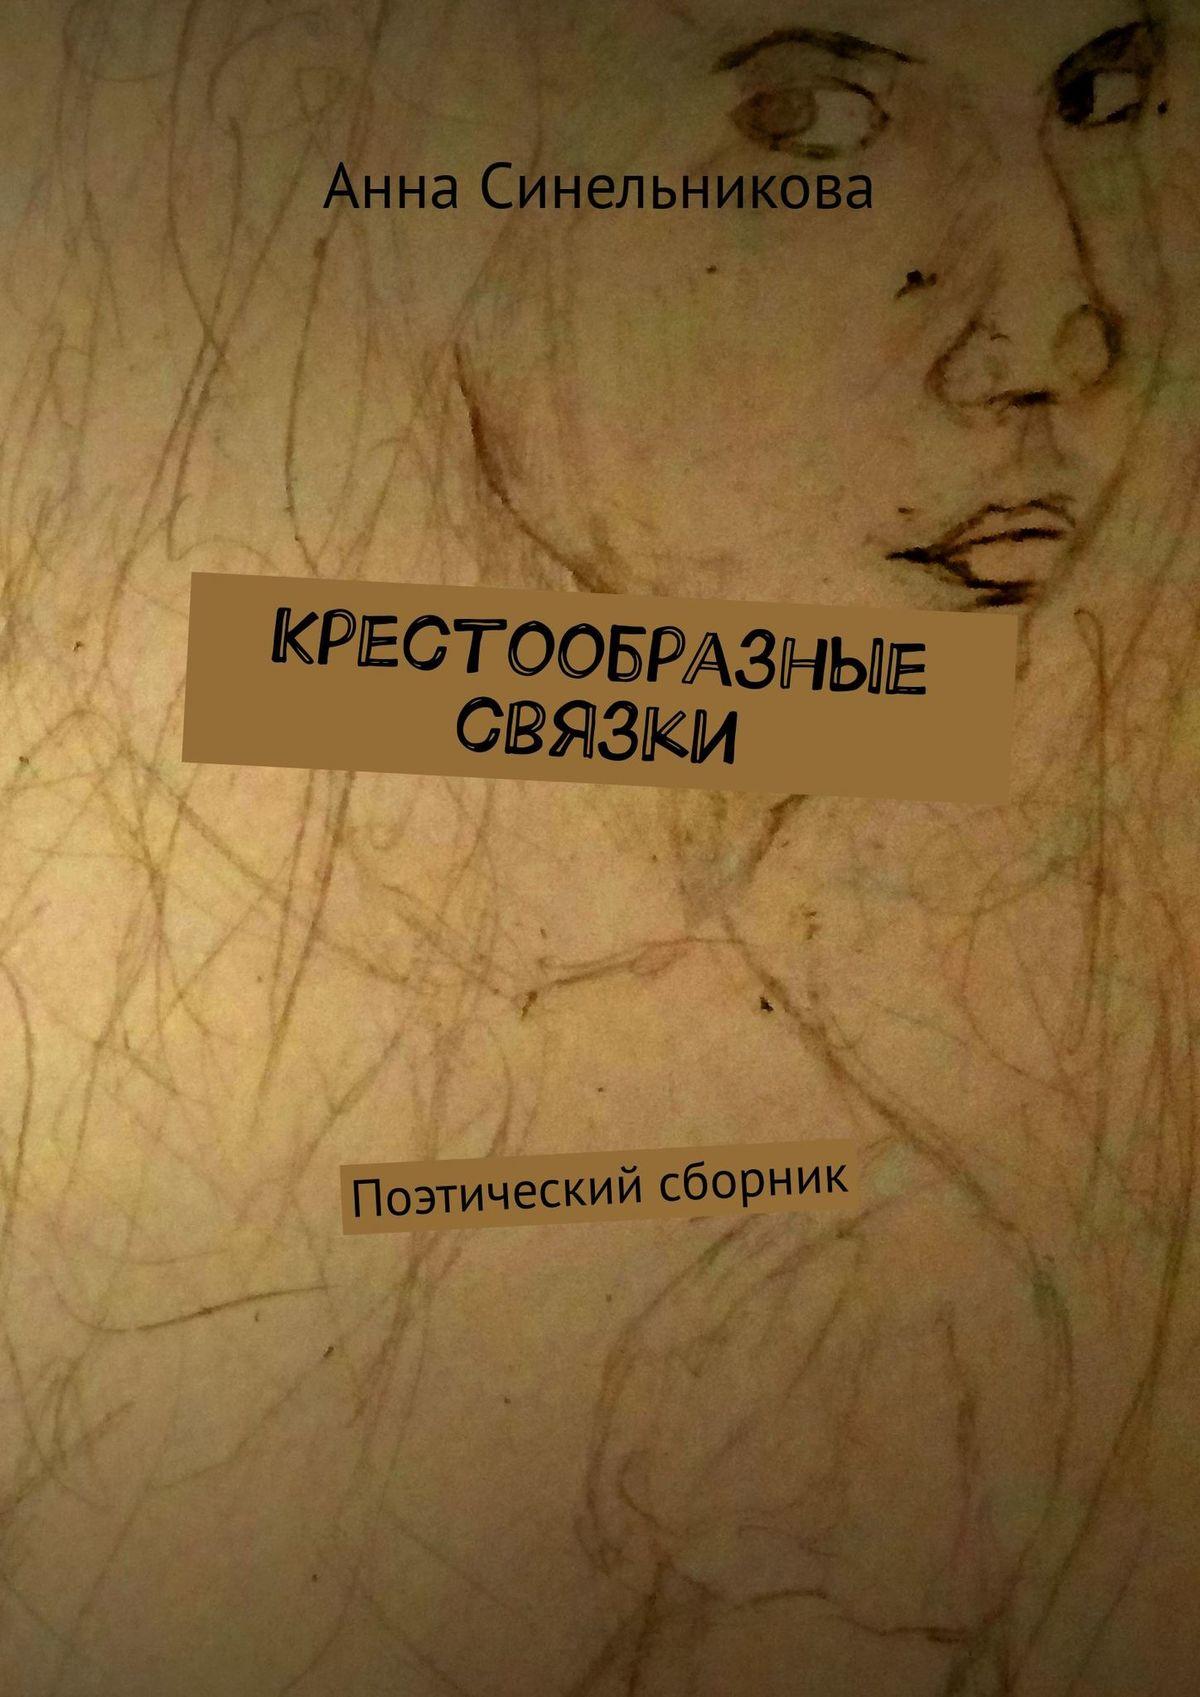 Анна Синельникова Крестообразные связки. Поэтический сборник